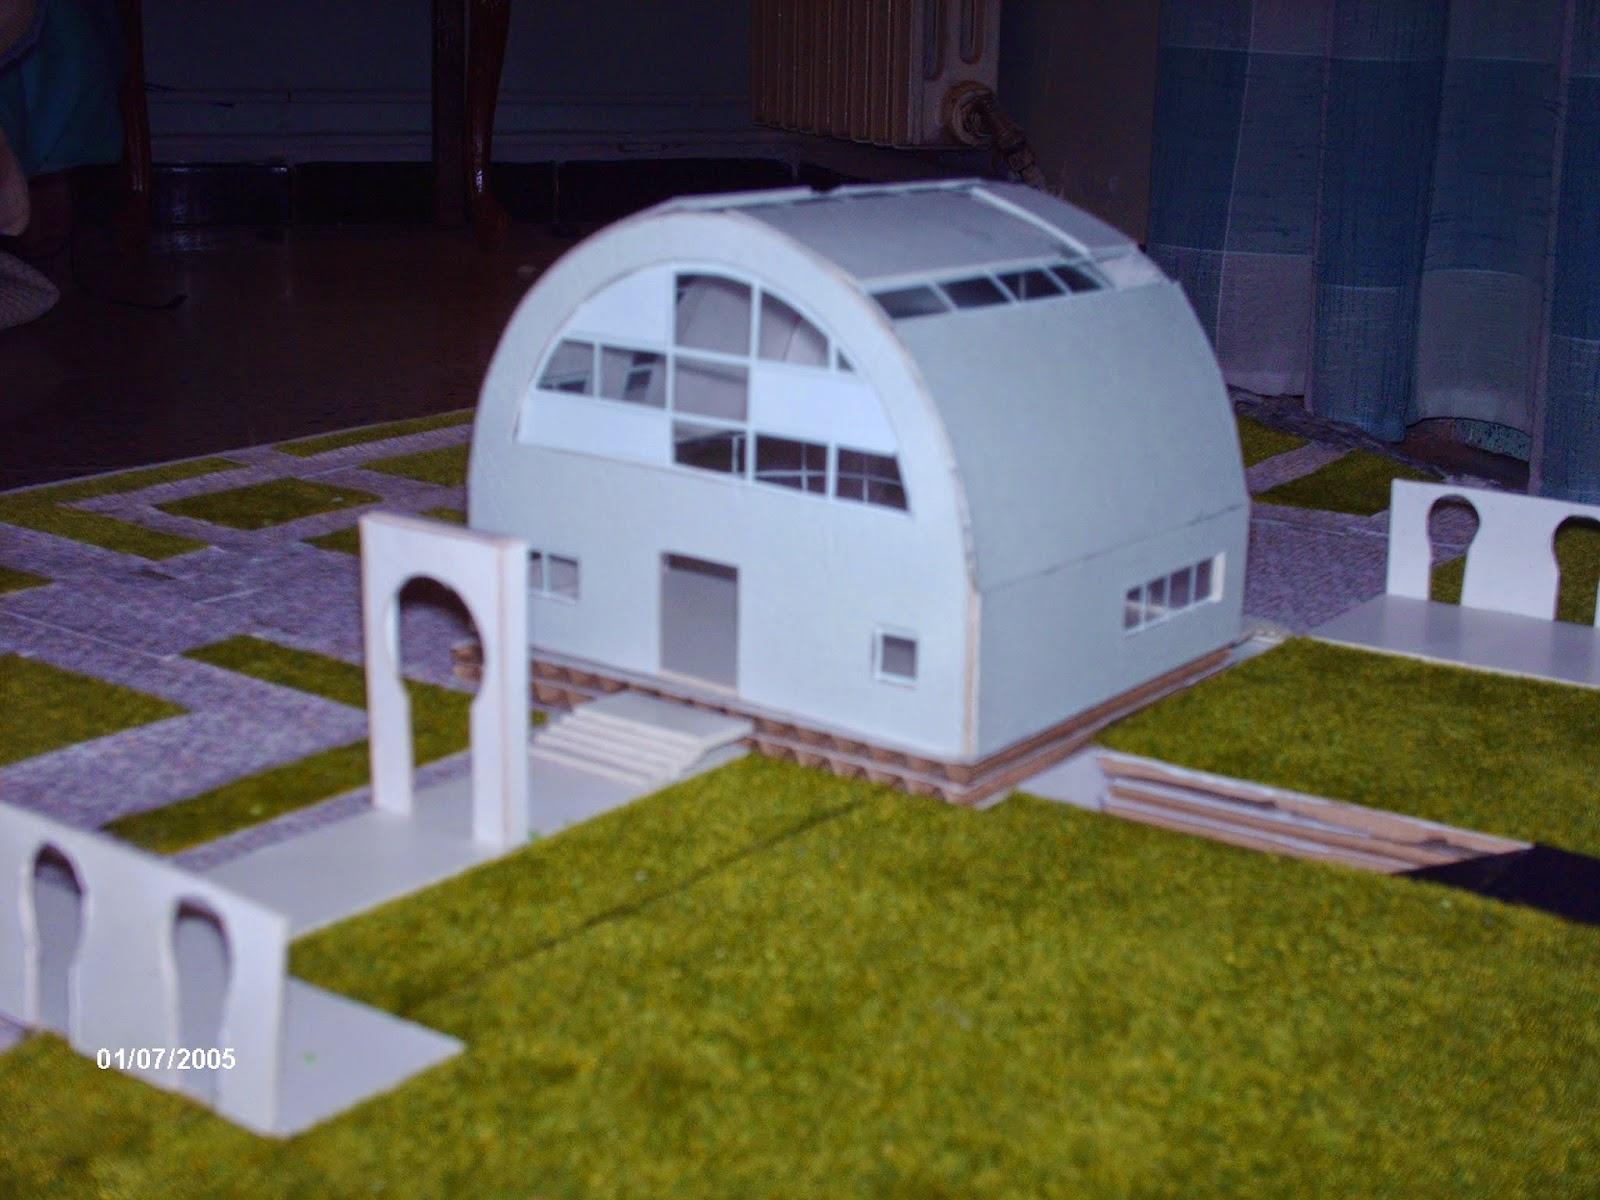 Maison individuelle la mani re d 39 un architecte c l bre for Architecte celebre